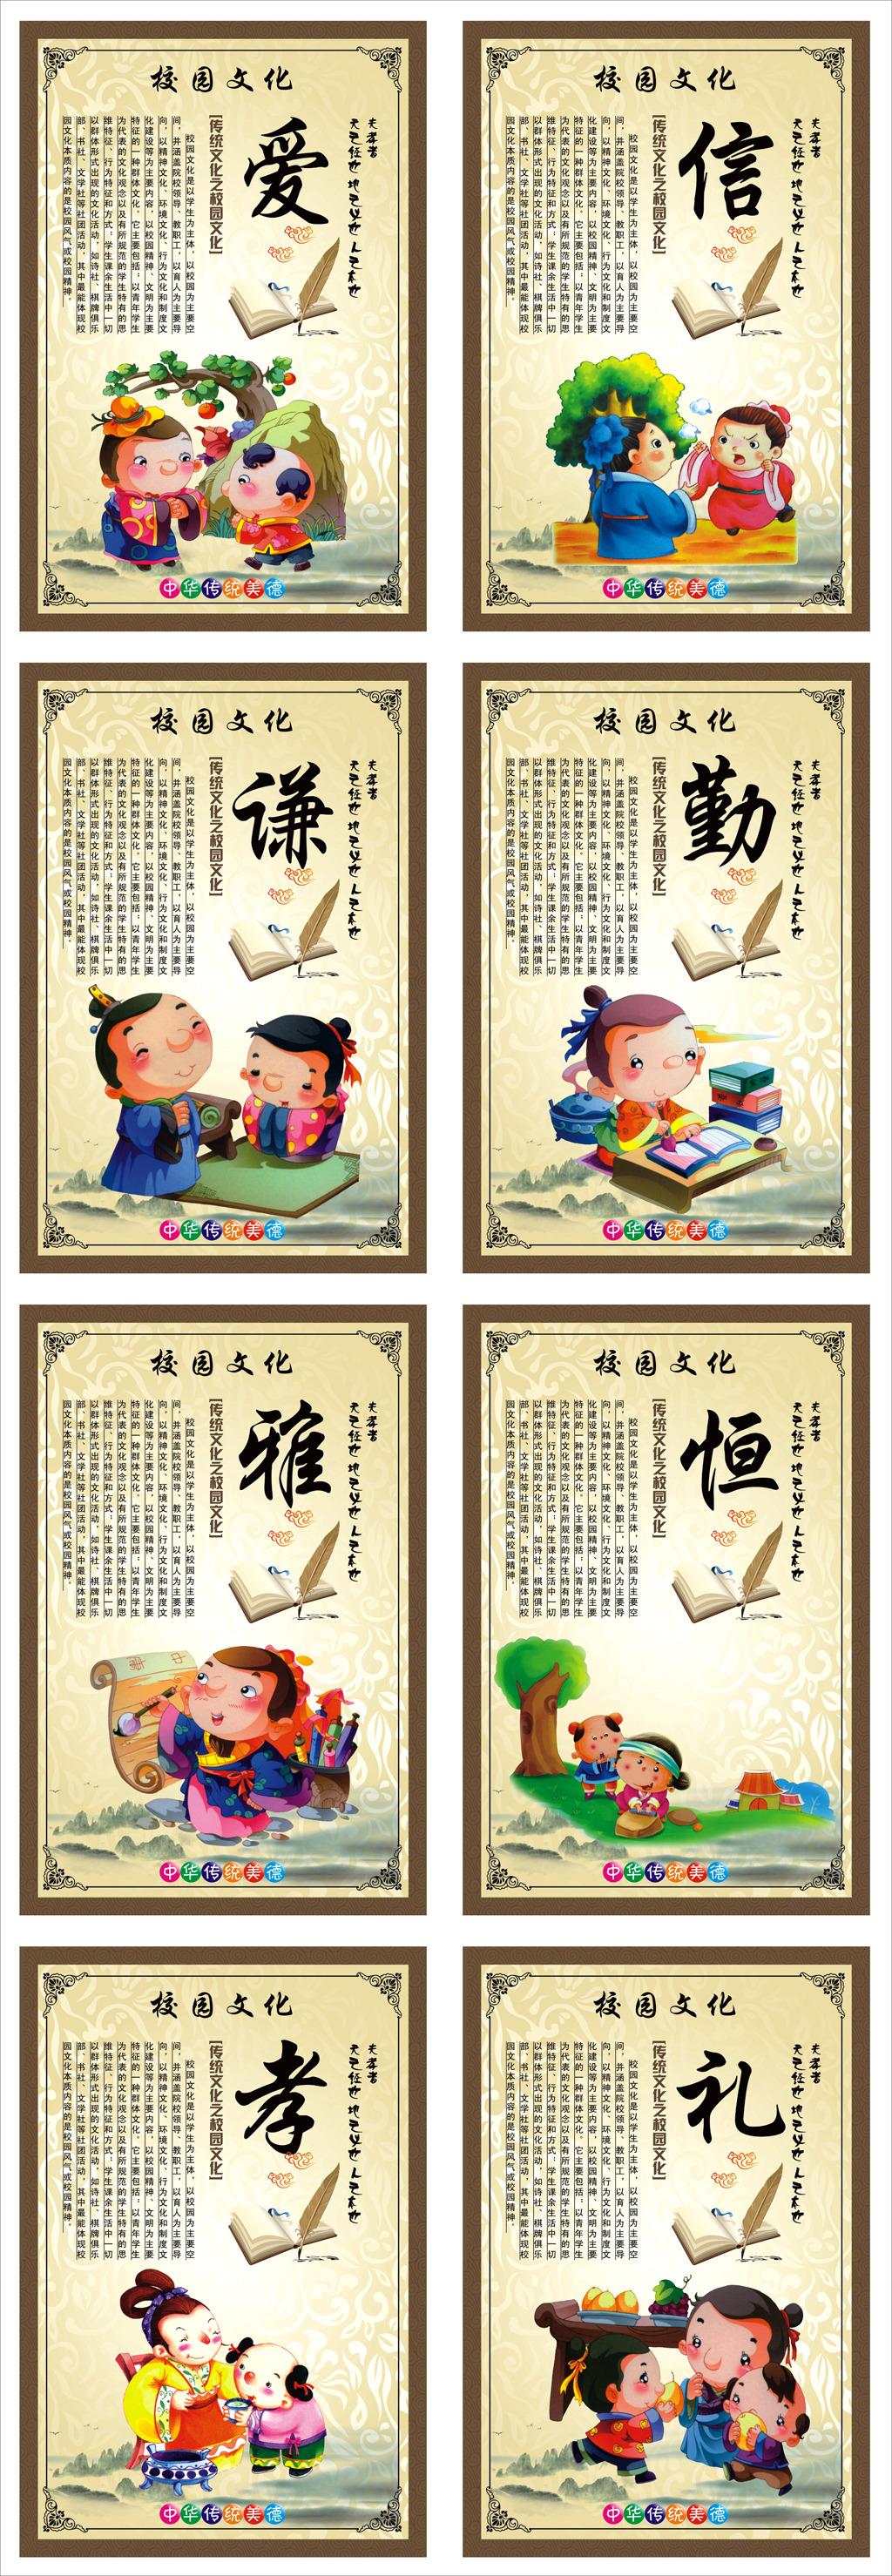 中华传统美德校园文化展板